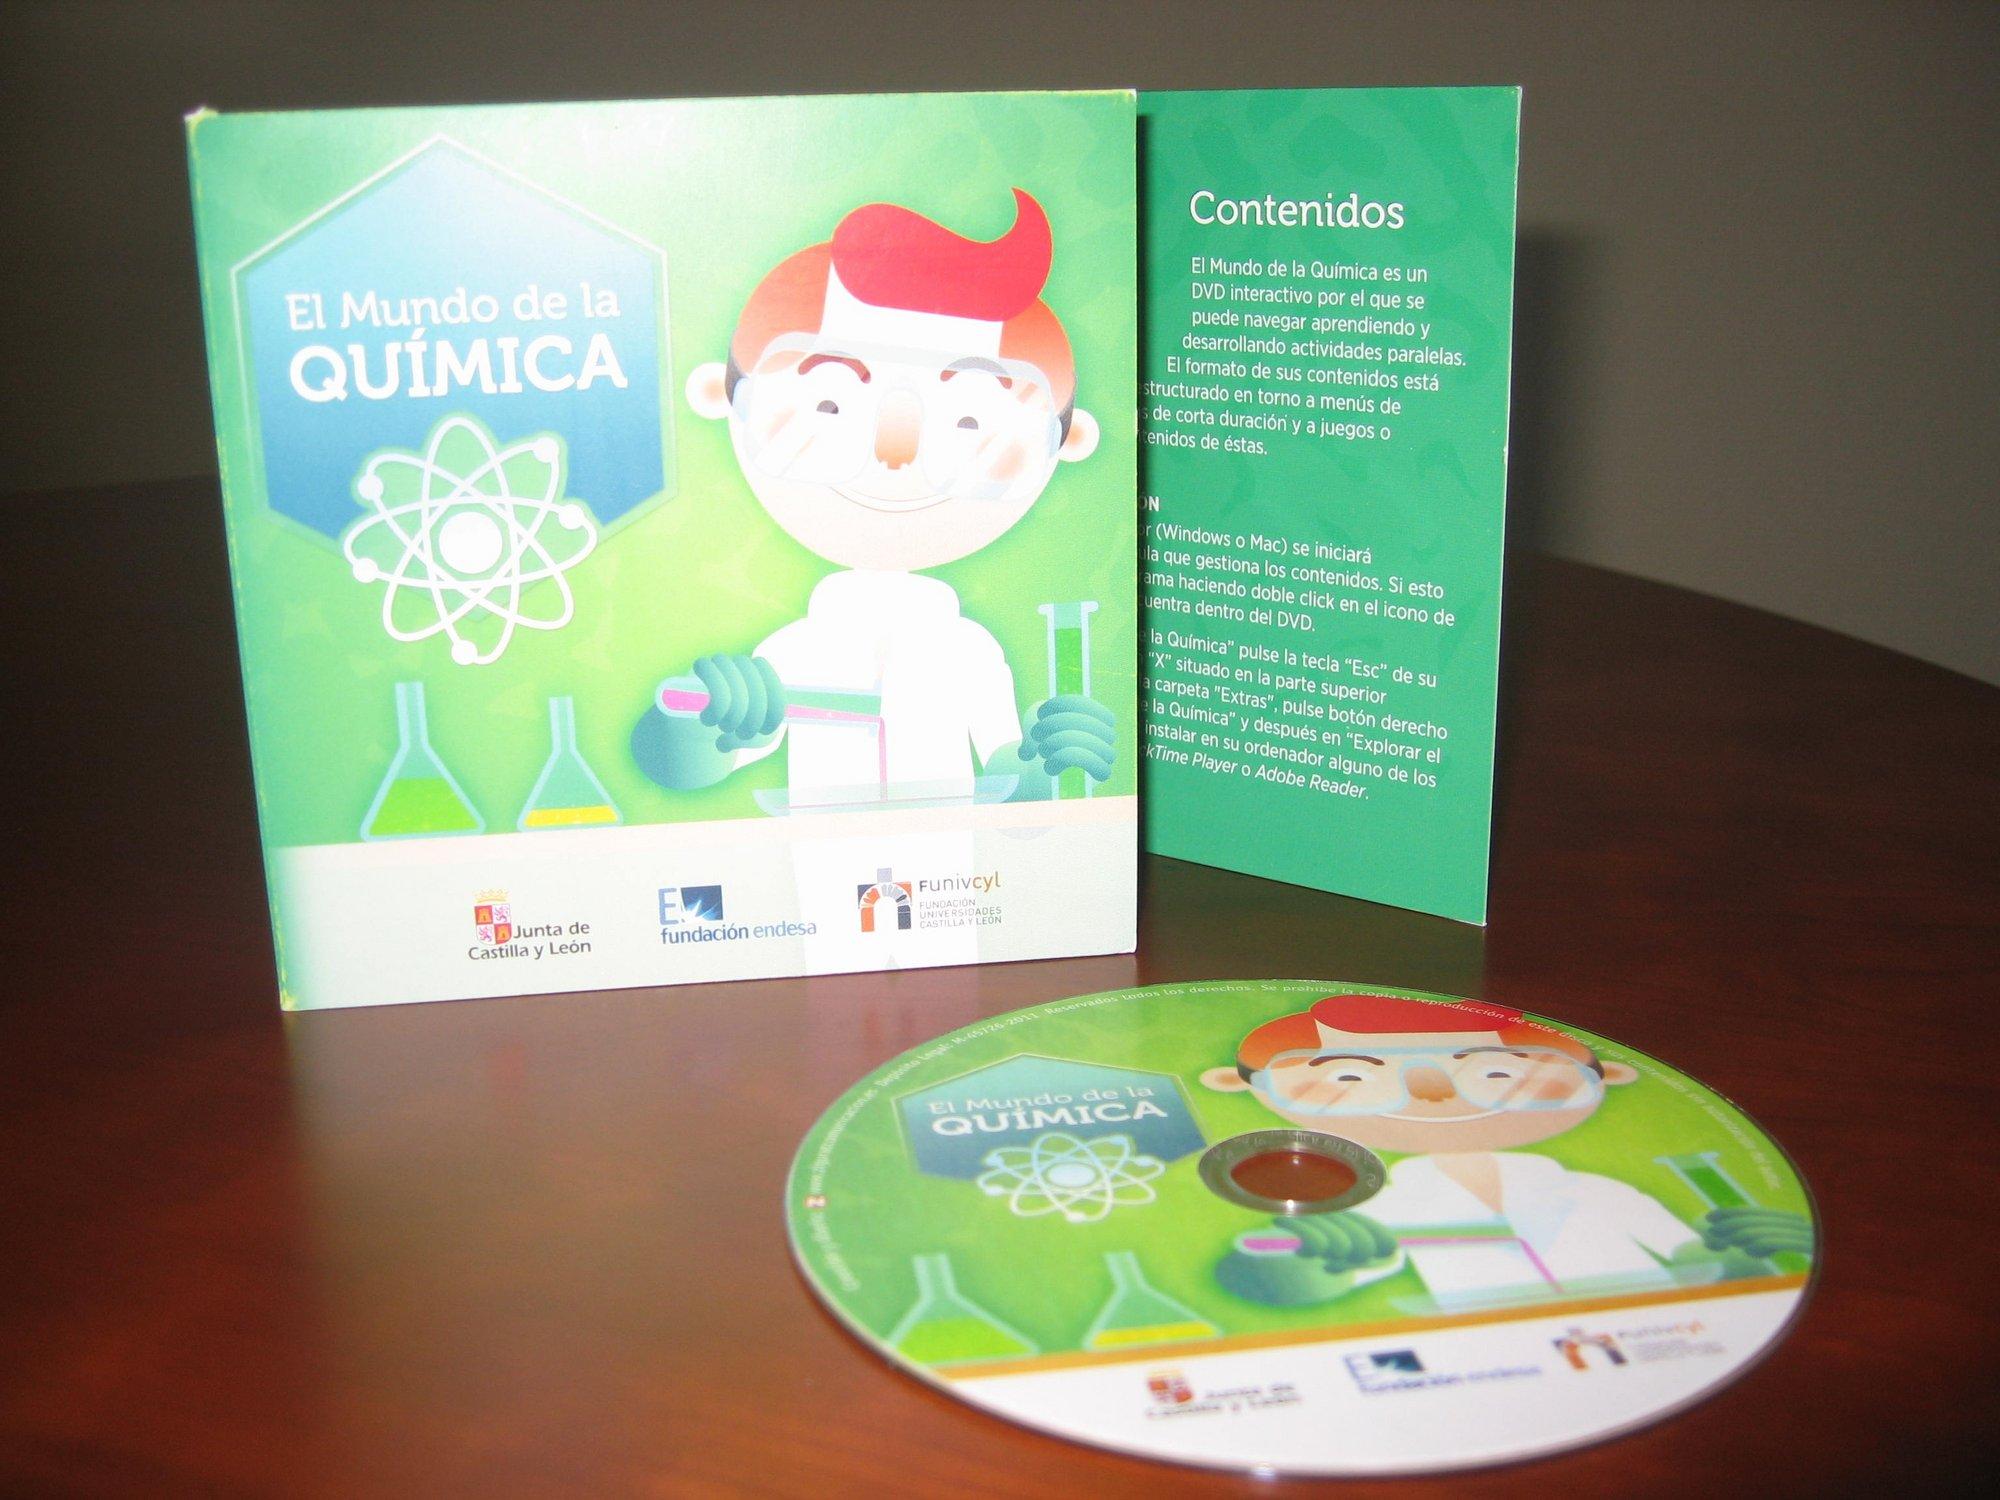 Educación distribuye más de 1.100 DVD en colegios e institutos con motivo del Año Internacional de la Química